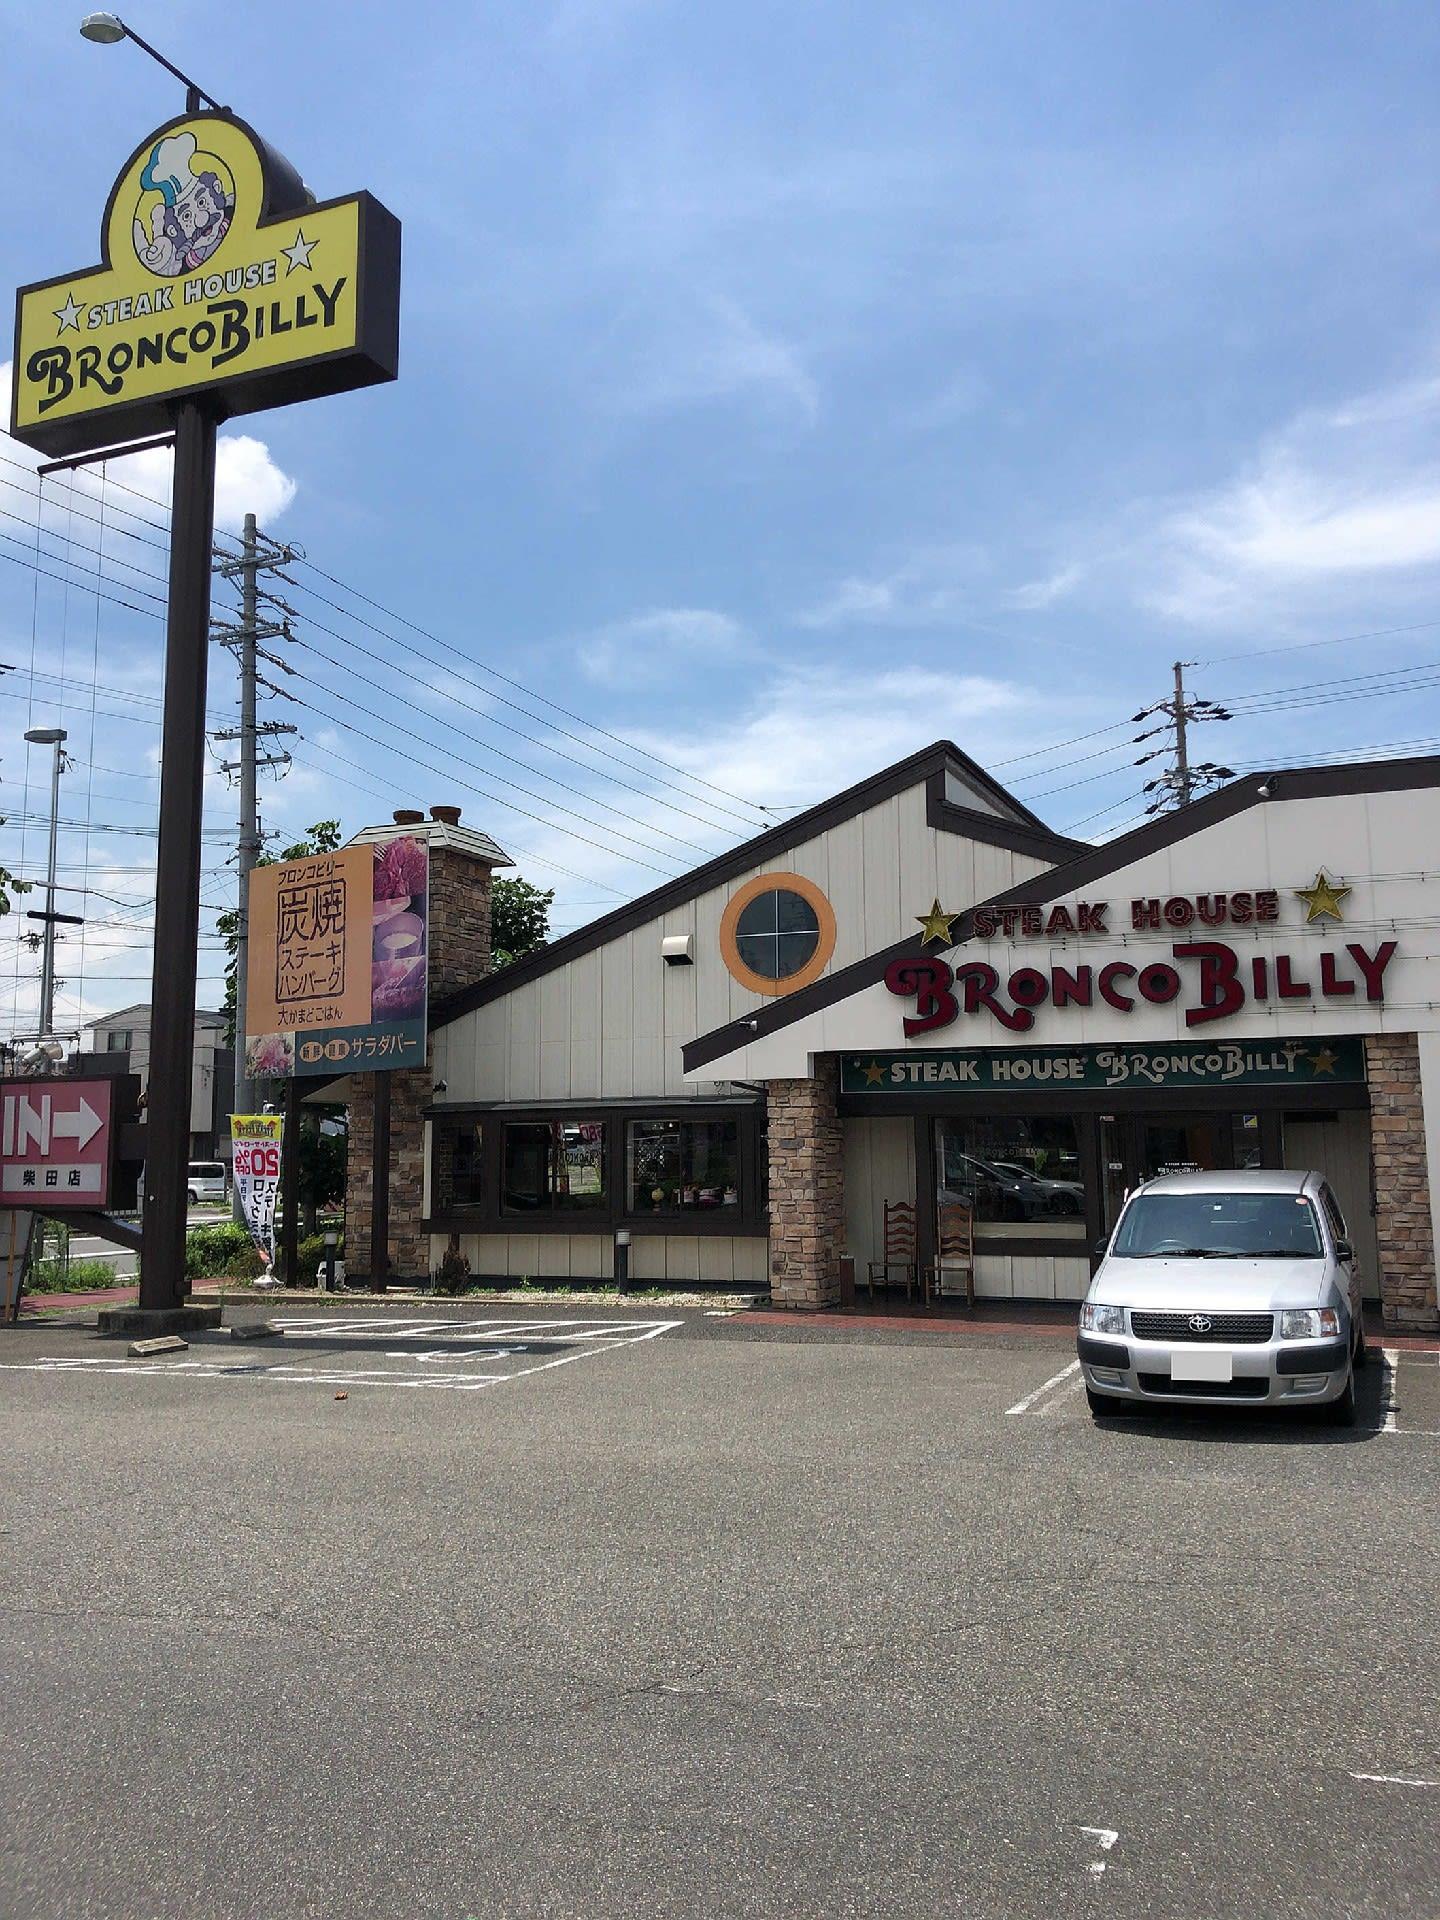 豊橋 ブロンコ ビリー クレジットカードが使える飲食チェーン店一覧